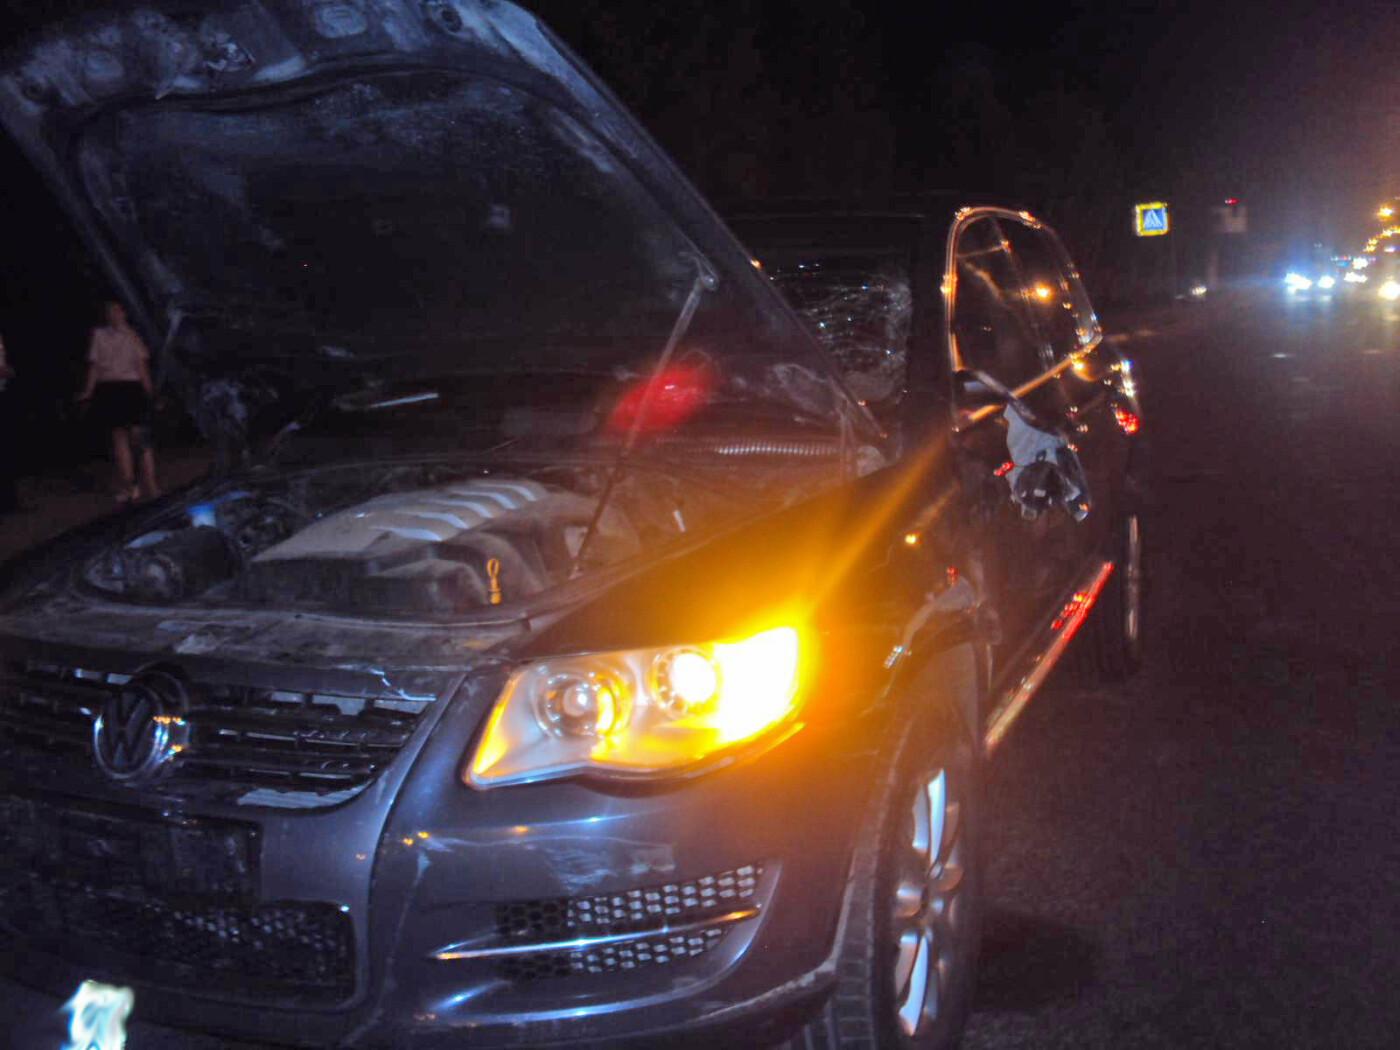 В Тамбове кроссовер насмерть сбил велосипедиста на пешеходном переходе, фото-1